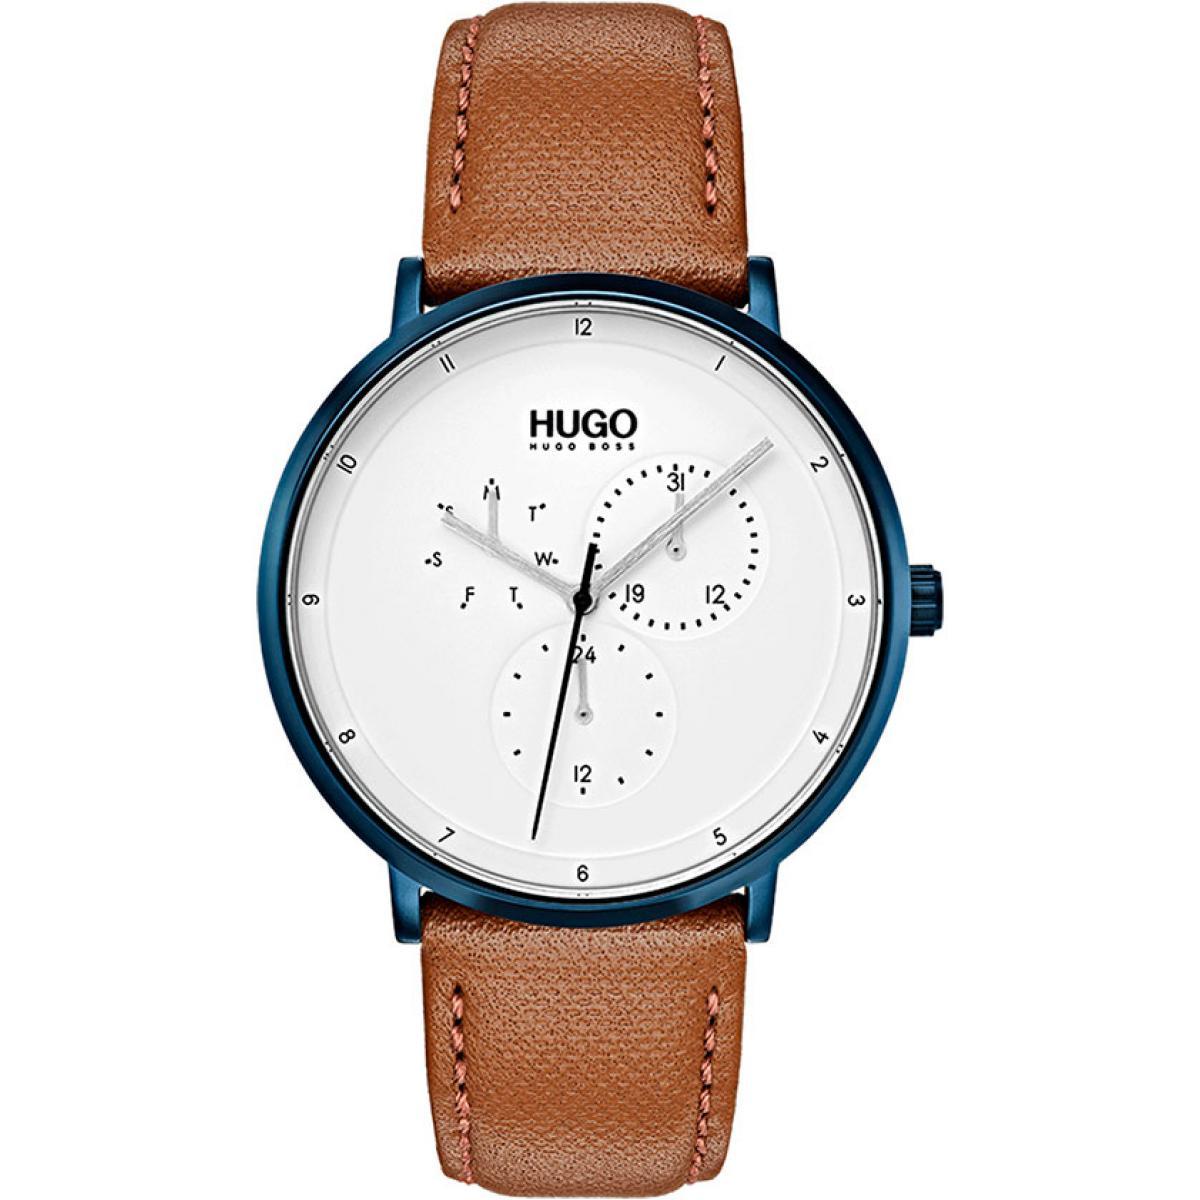 Montre Hugo 1530008 - Montre Cuir Marron - 3 suisses - Modalova